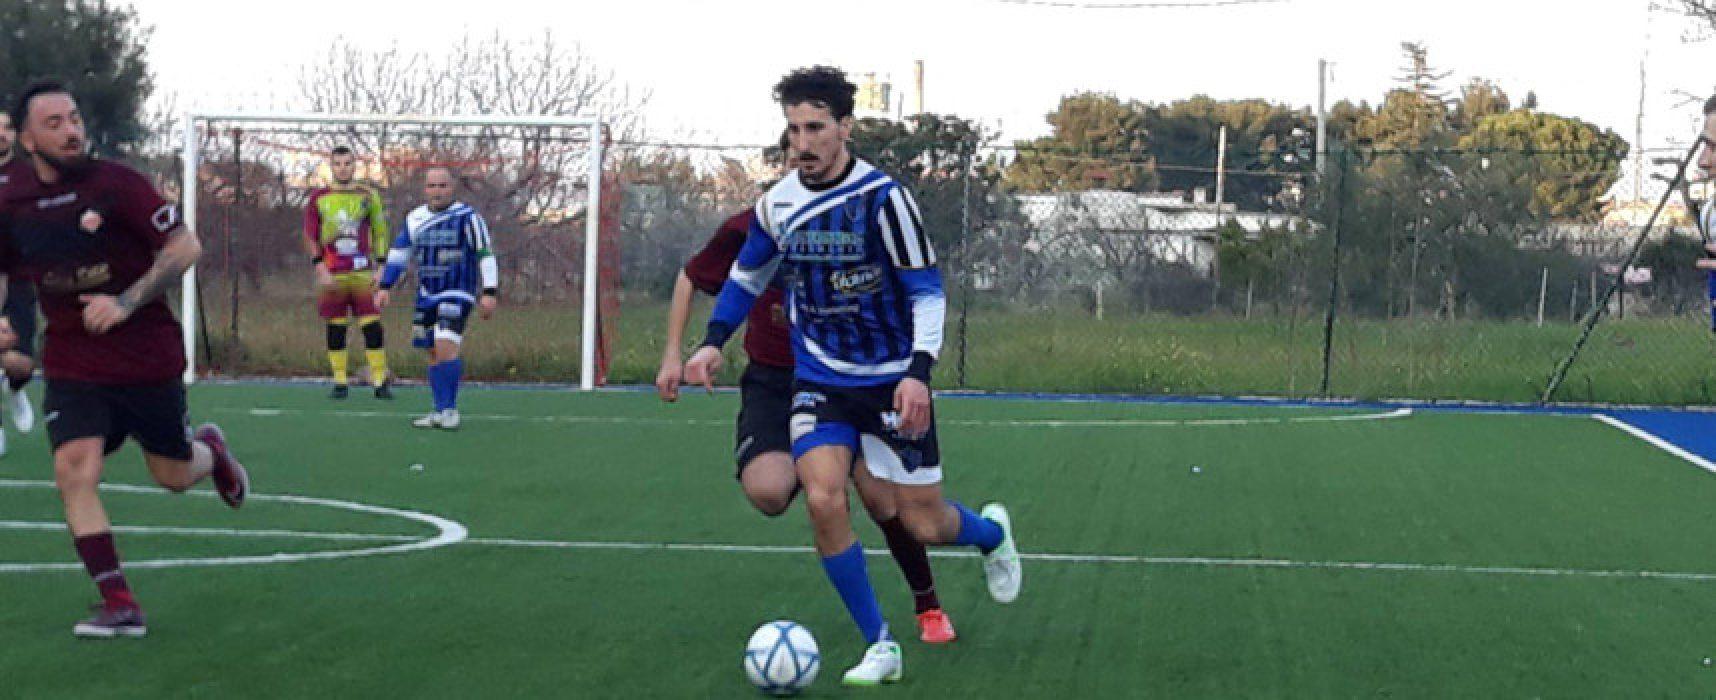 Futsal serie C2: trasferta in capitanata per il Futbol Cinco. Nettuno contro la capolista